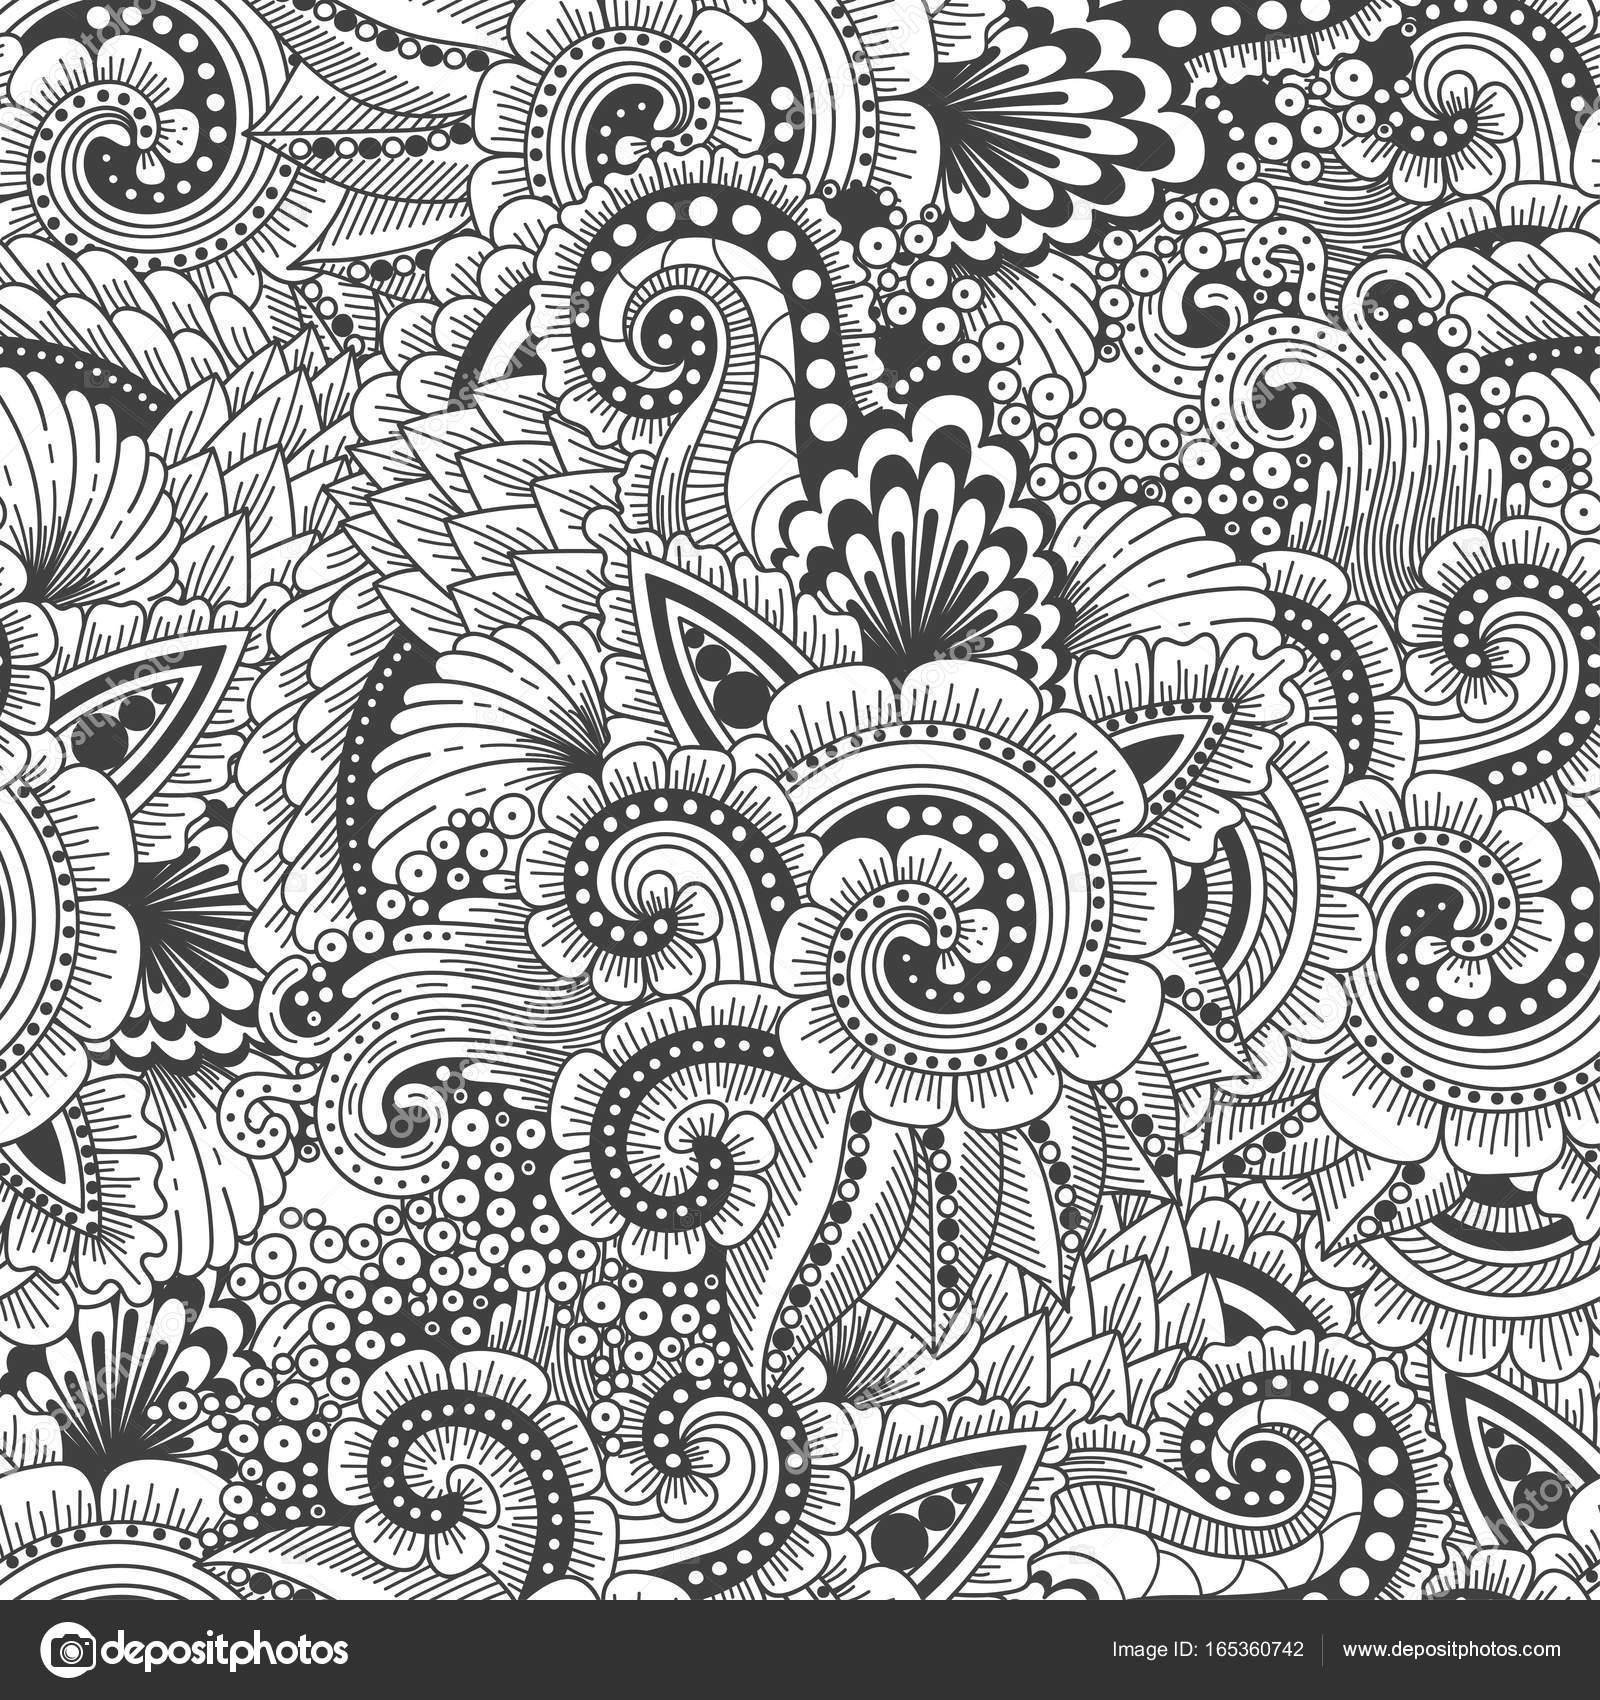 Patrón sin costuras ornamentales doodle étnicos — Archivo Imágenes ...